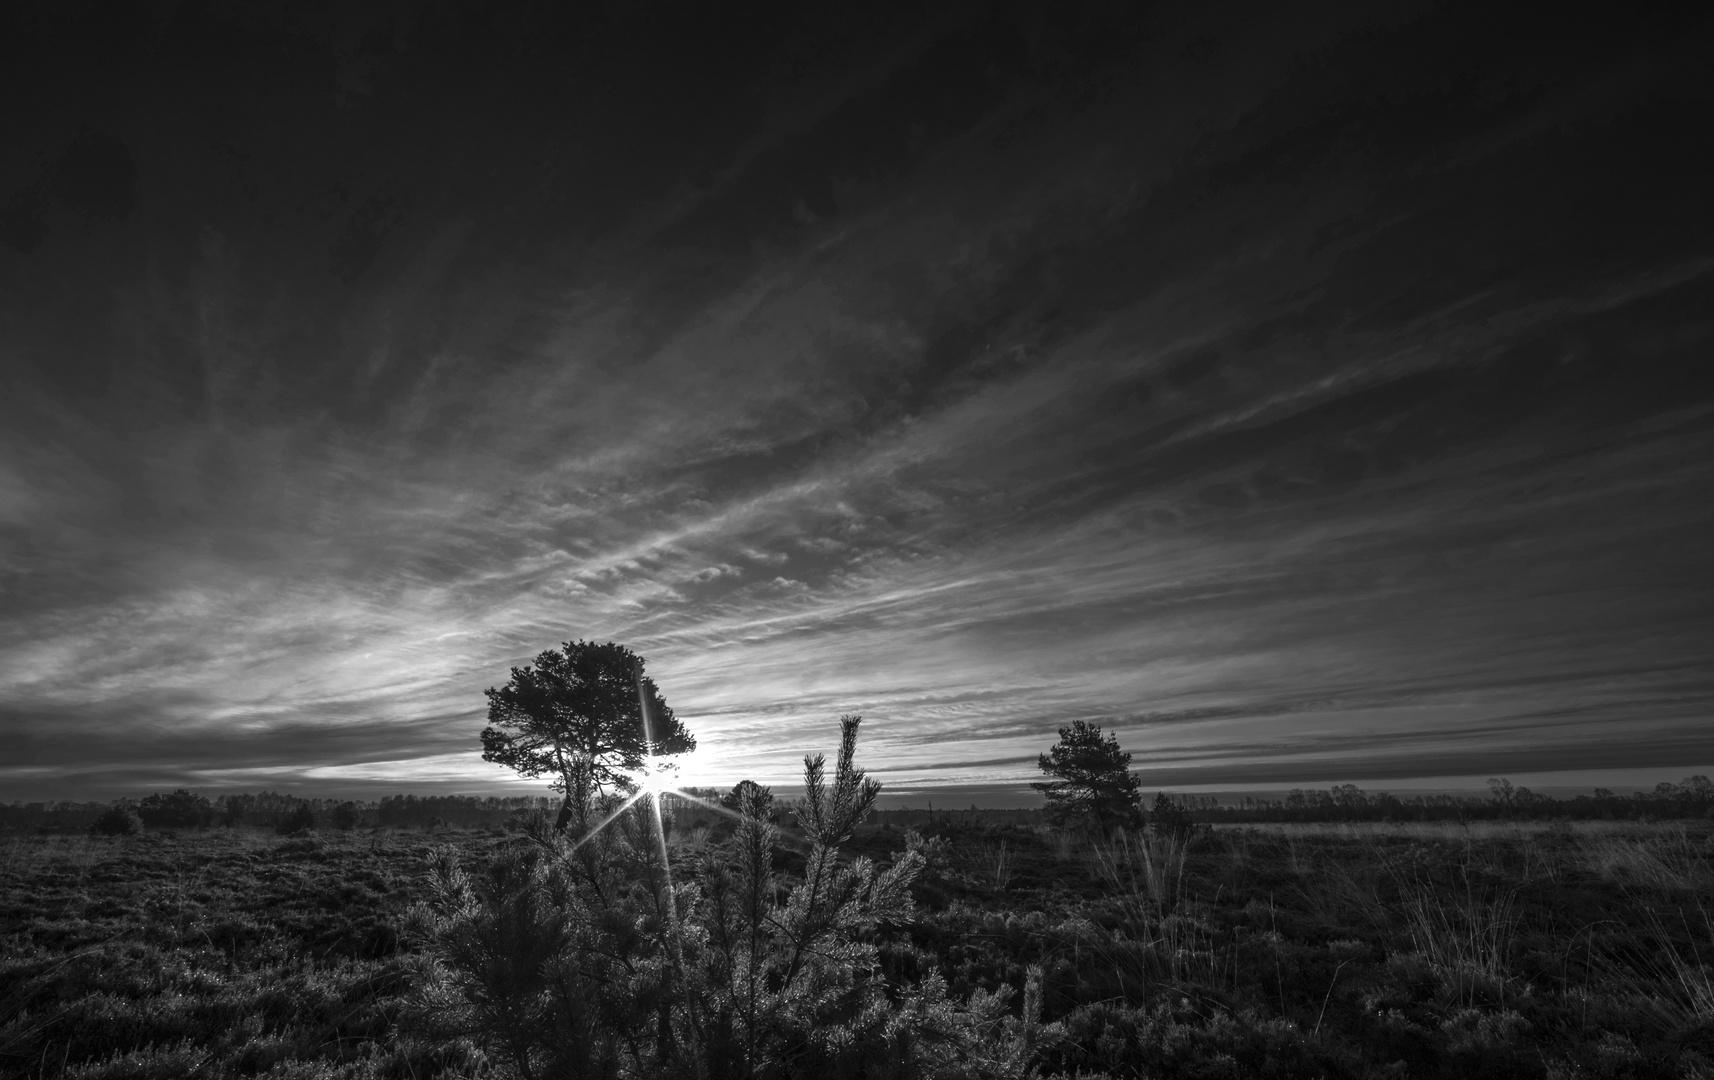 Sonnenbaum mit Stern  - sw -